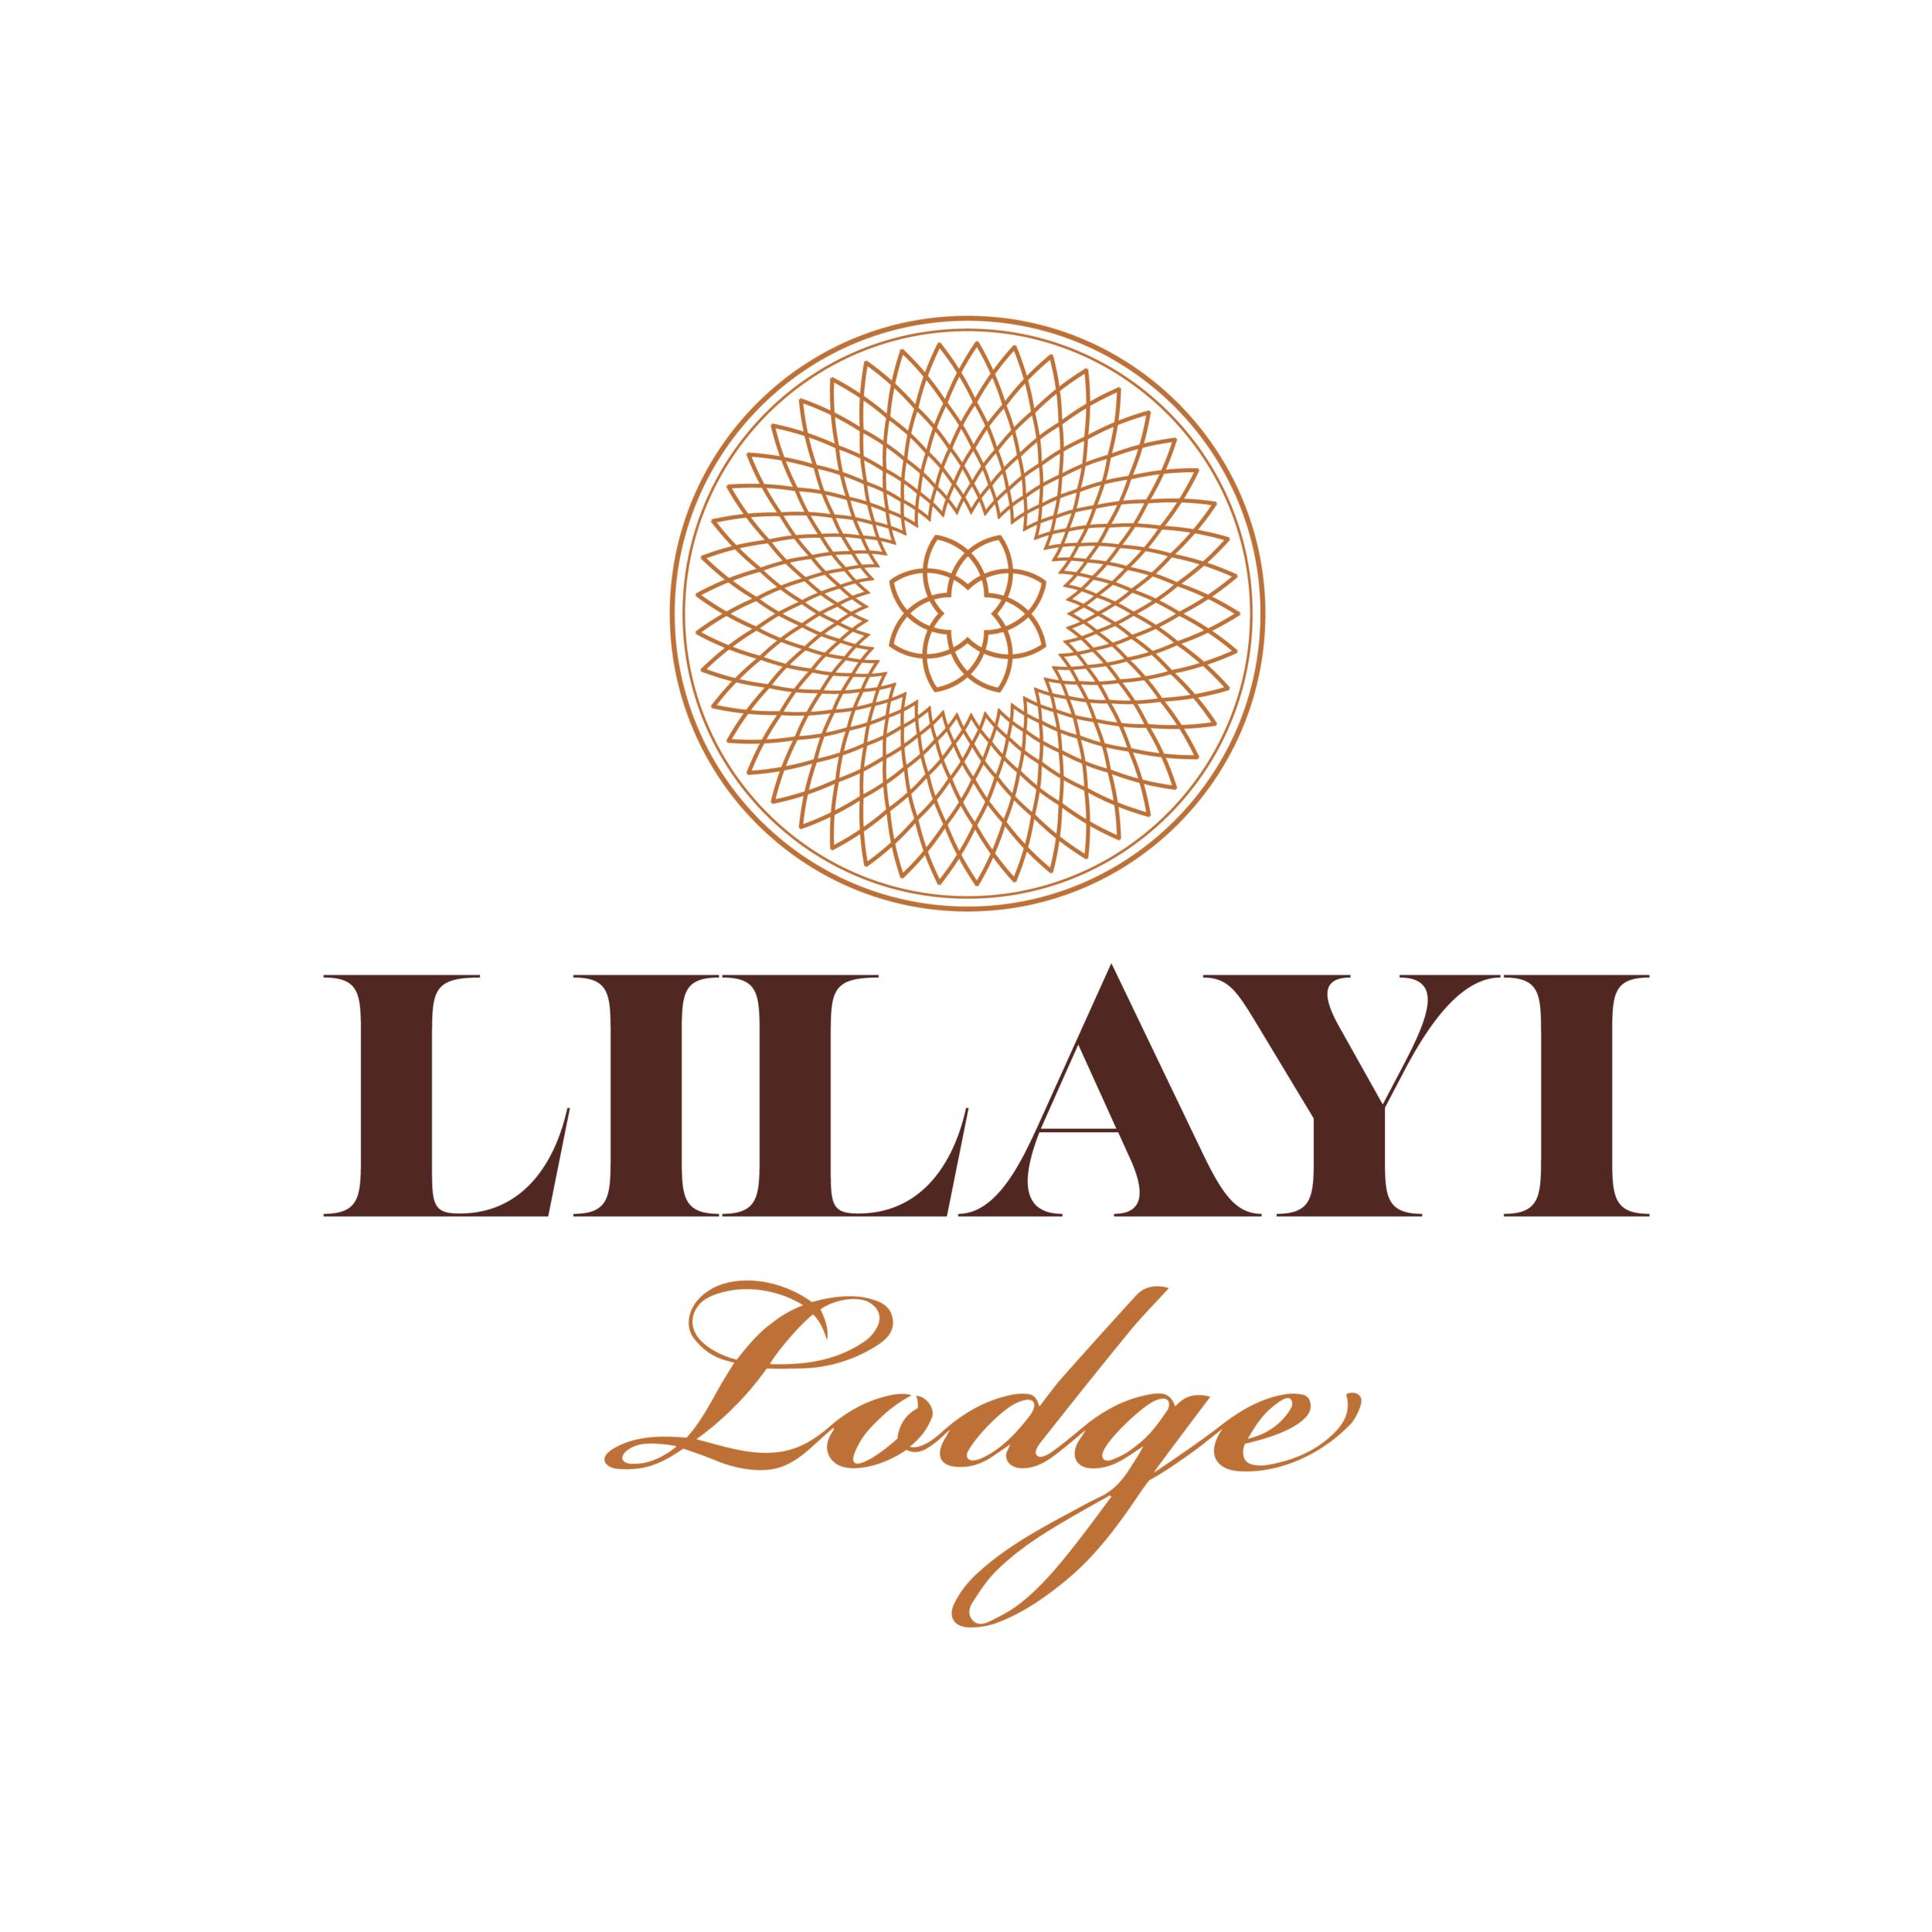 Lilayi Lodge.png